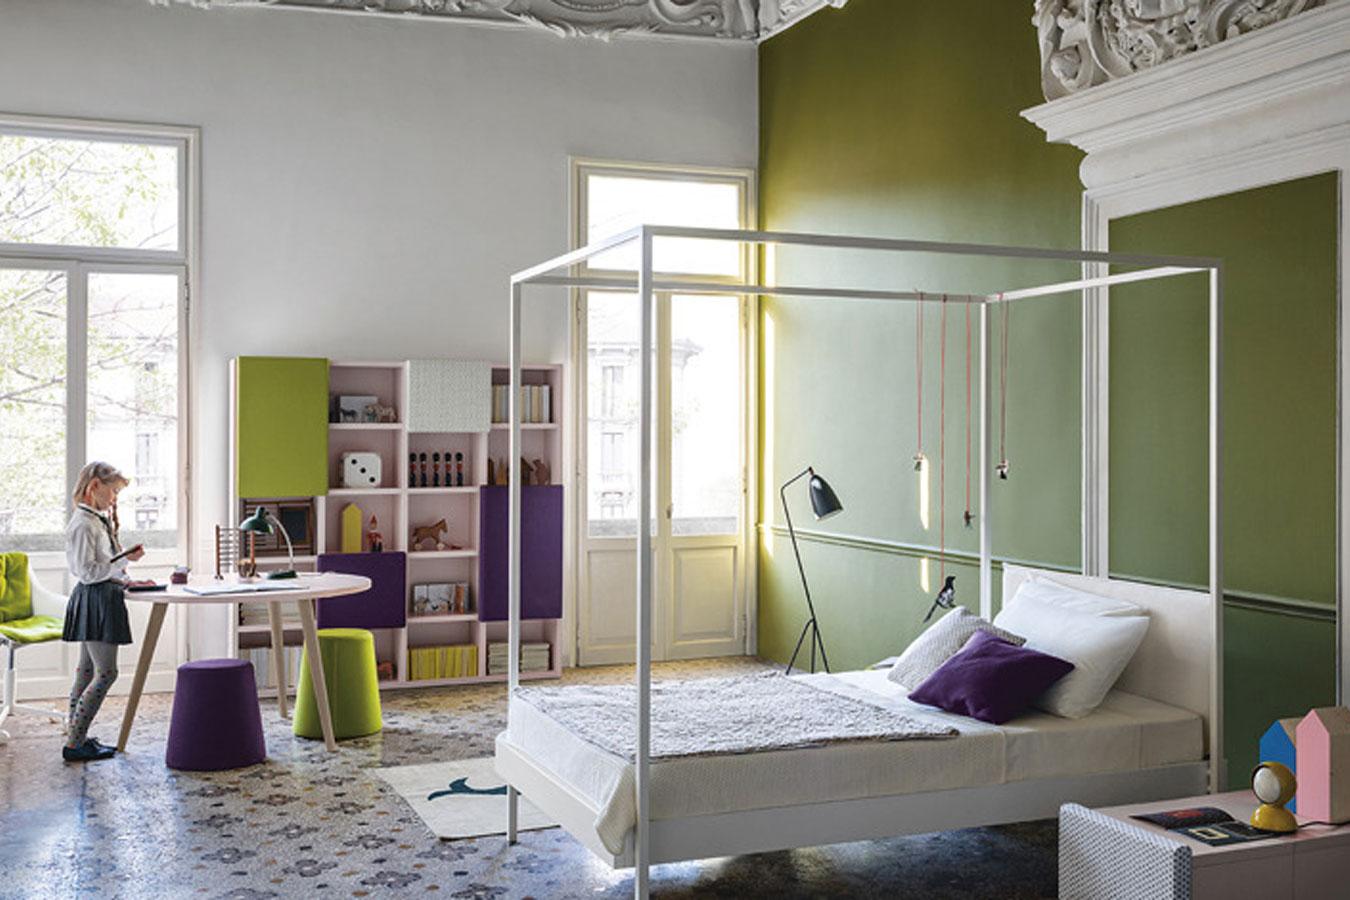 Battistella cameretta collezione nidi soft 1 bambini for Nidi camerette